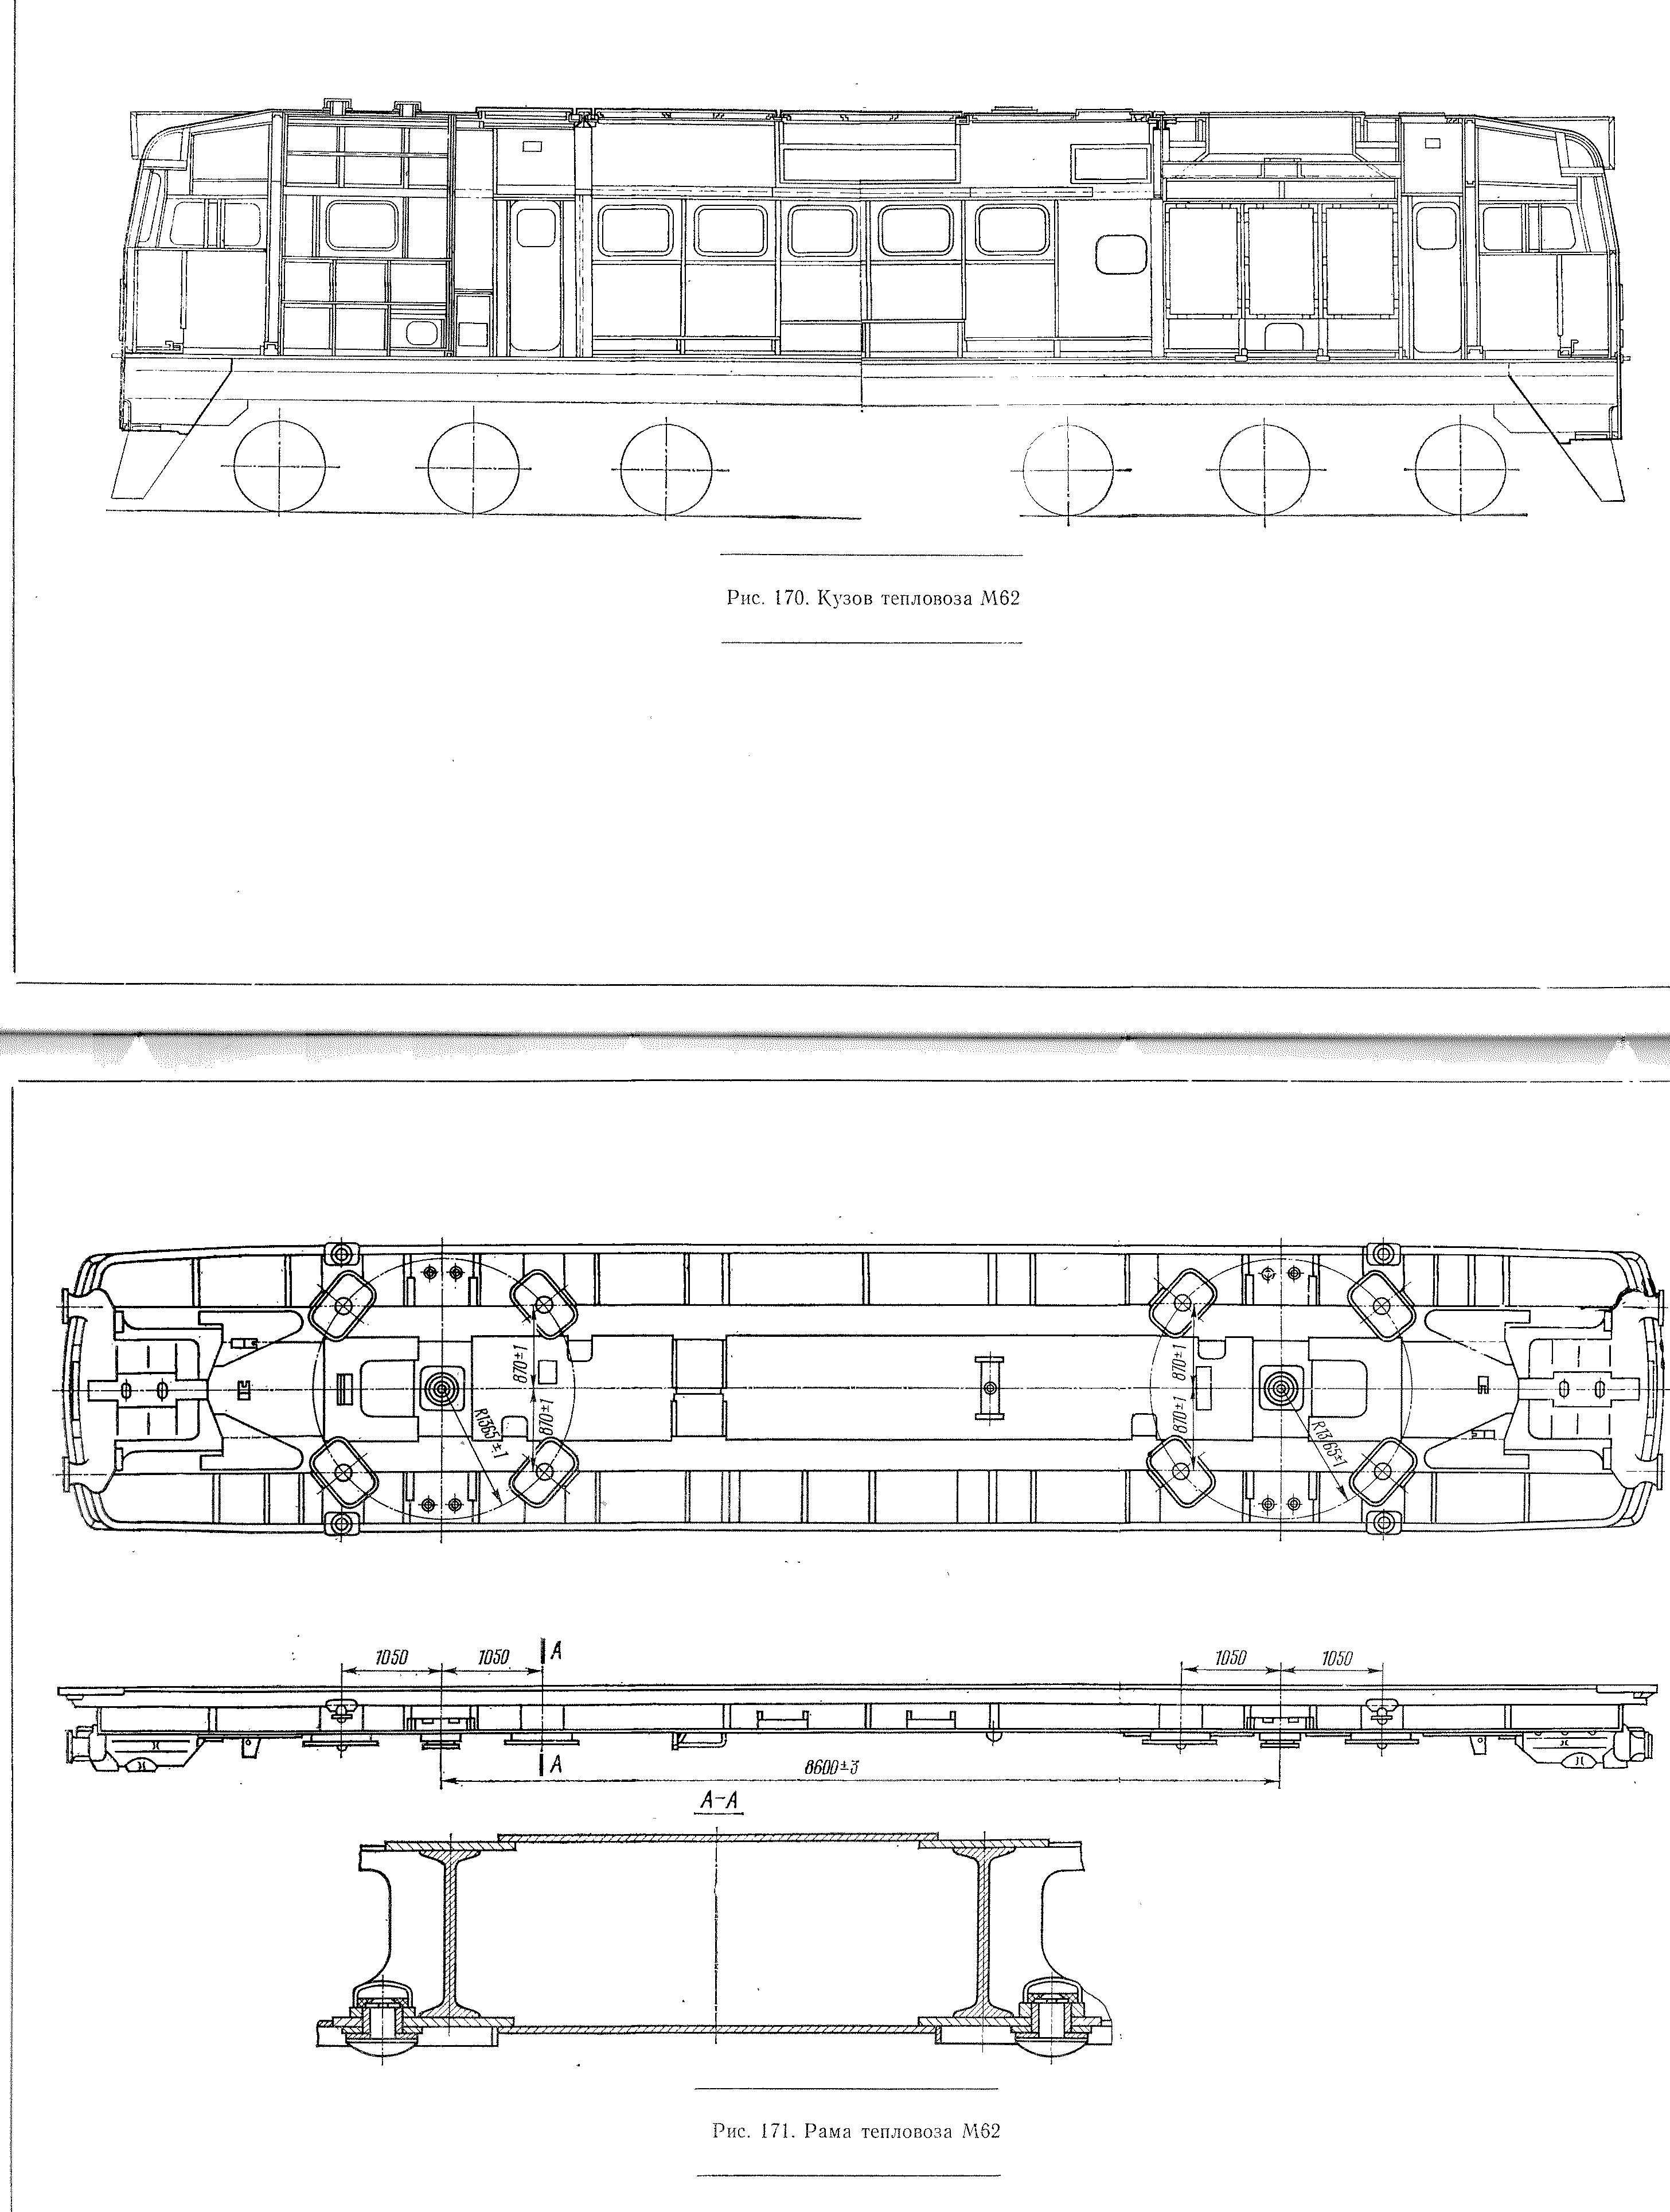 стабилизатор напряжения снпто-7-электро схема